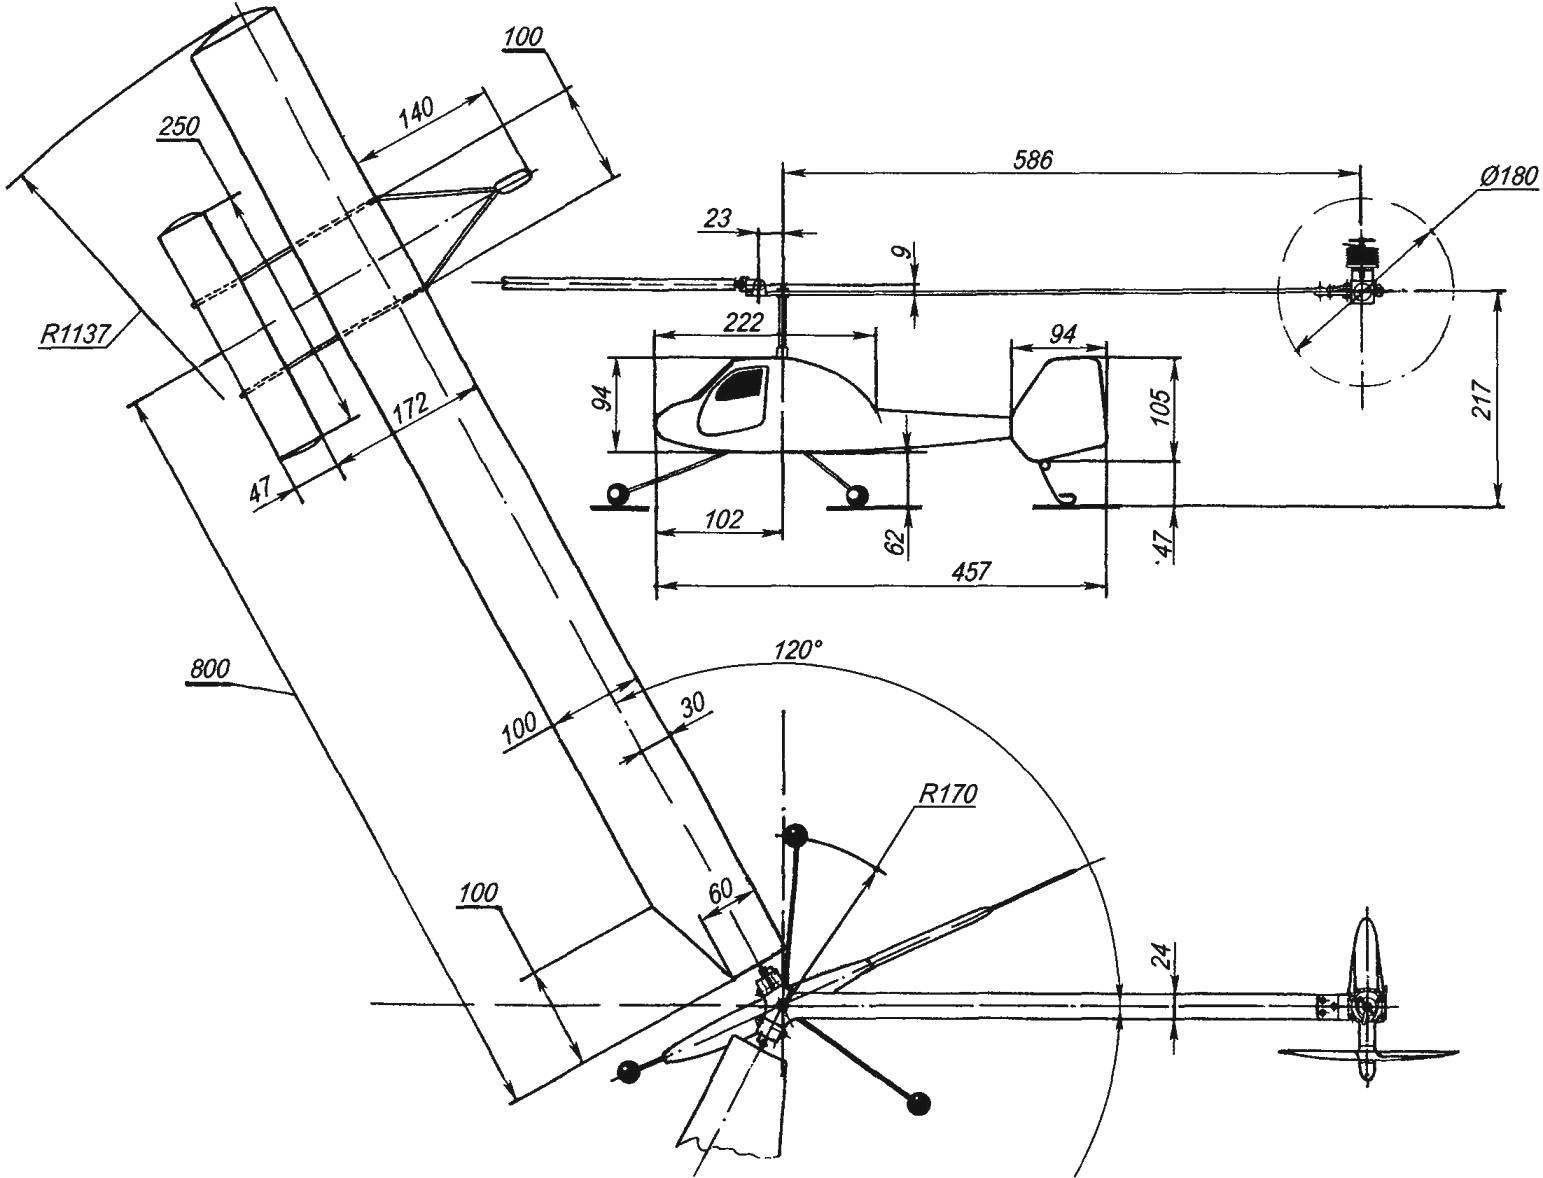 Геометрическая схема свободнолетающей модели вертолета (на плановой проекции фюзеляж условно повернут)